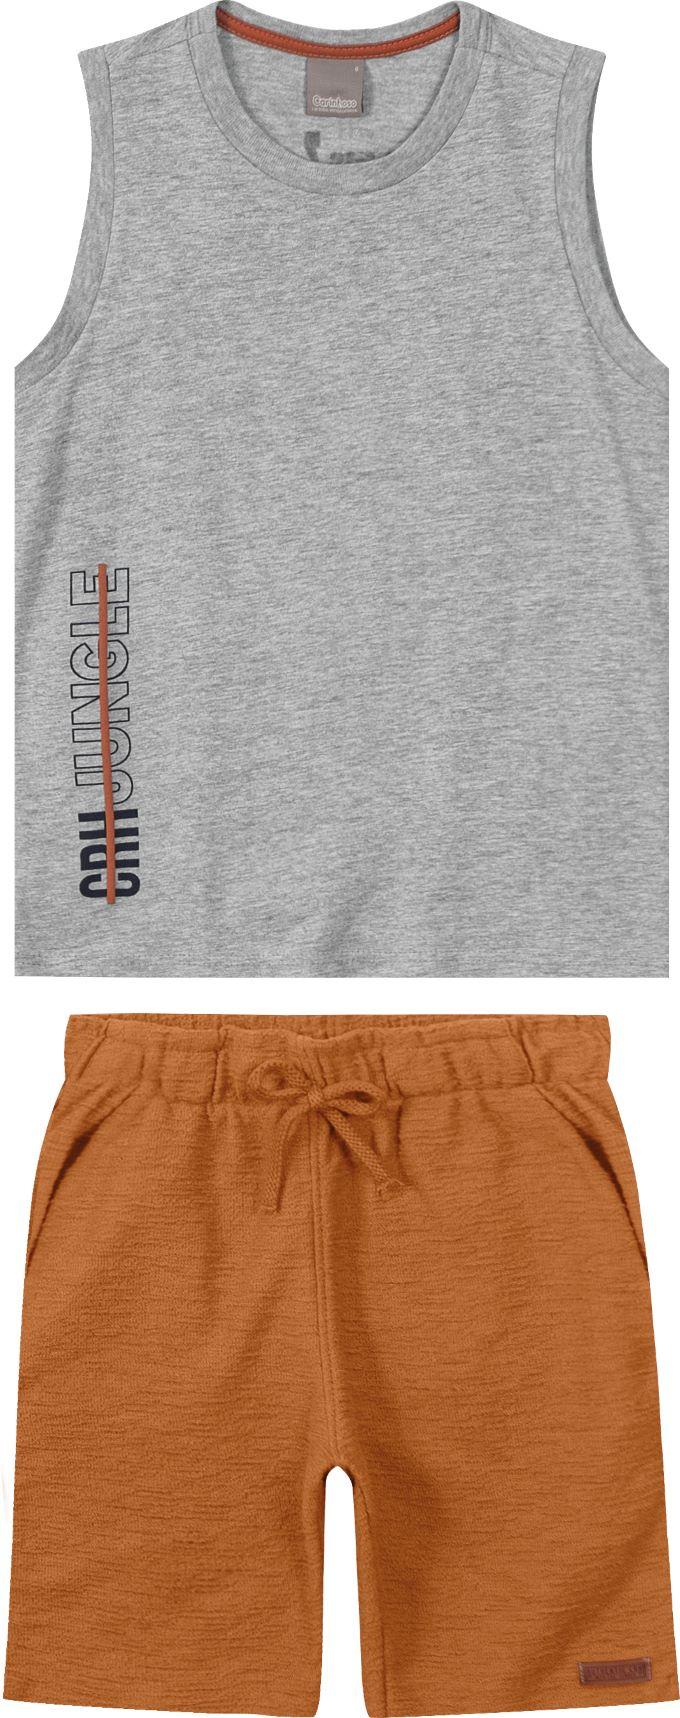 Conjunto infantil masculino camiseta regata e bermuda em molecotton  - Tam 6 a 16 anos